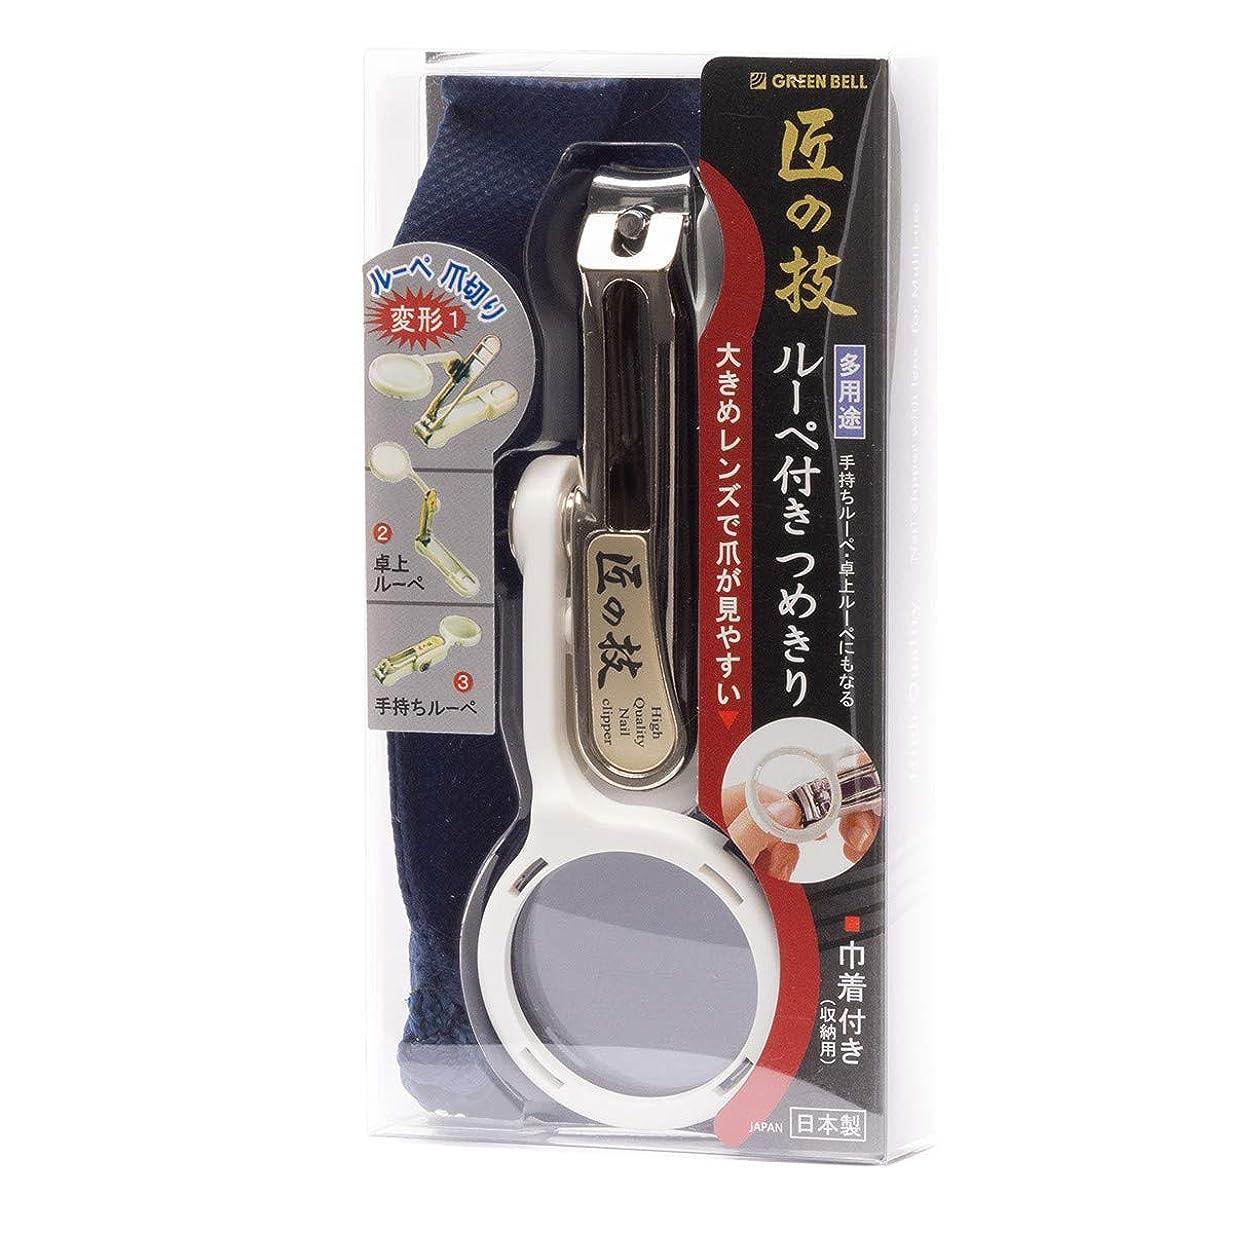 社員のためくMIDI-ミディ 匠の技 ルーペ付き つめきり 白 メガネ拭き セット (p-880122,p-k0055)